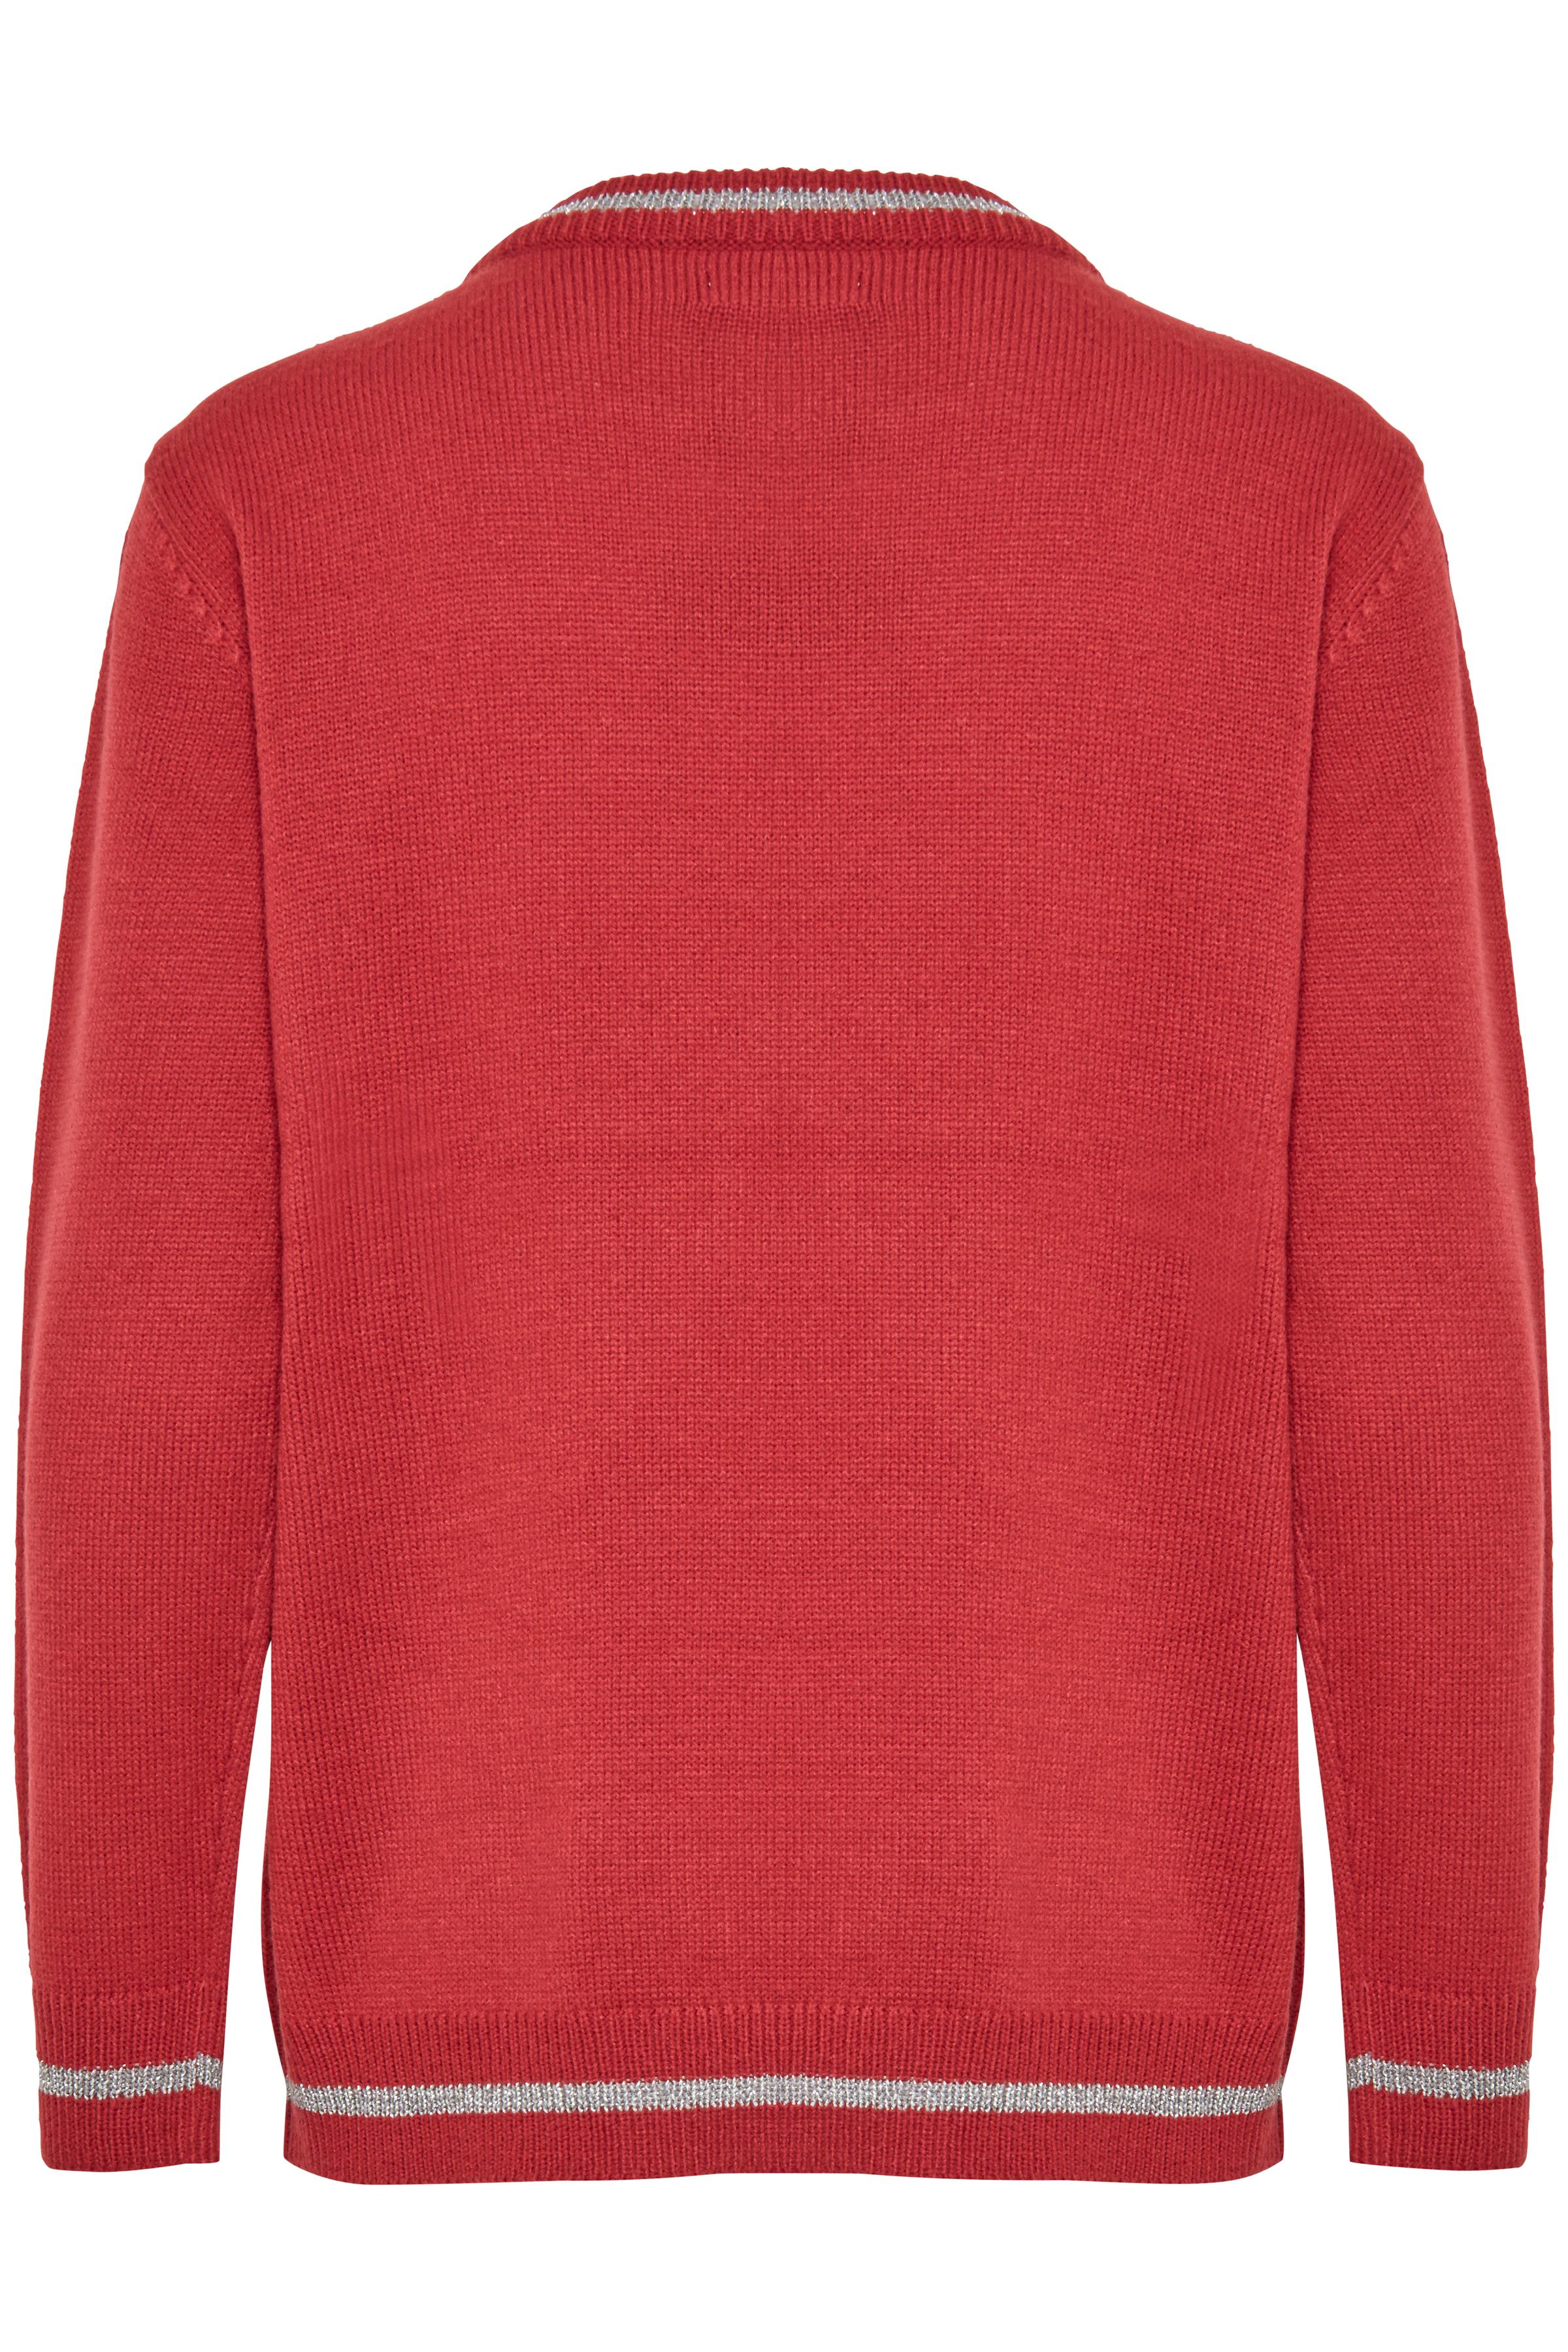 Blood Red Combi 1 Strickpullover von b.young – Kaufen Sie Blood Red Combi 1 Strickpullover aus Größe XS-XXL hier